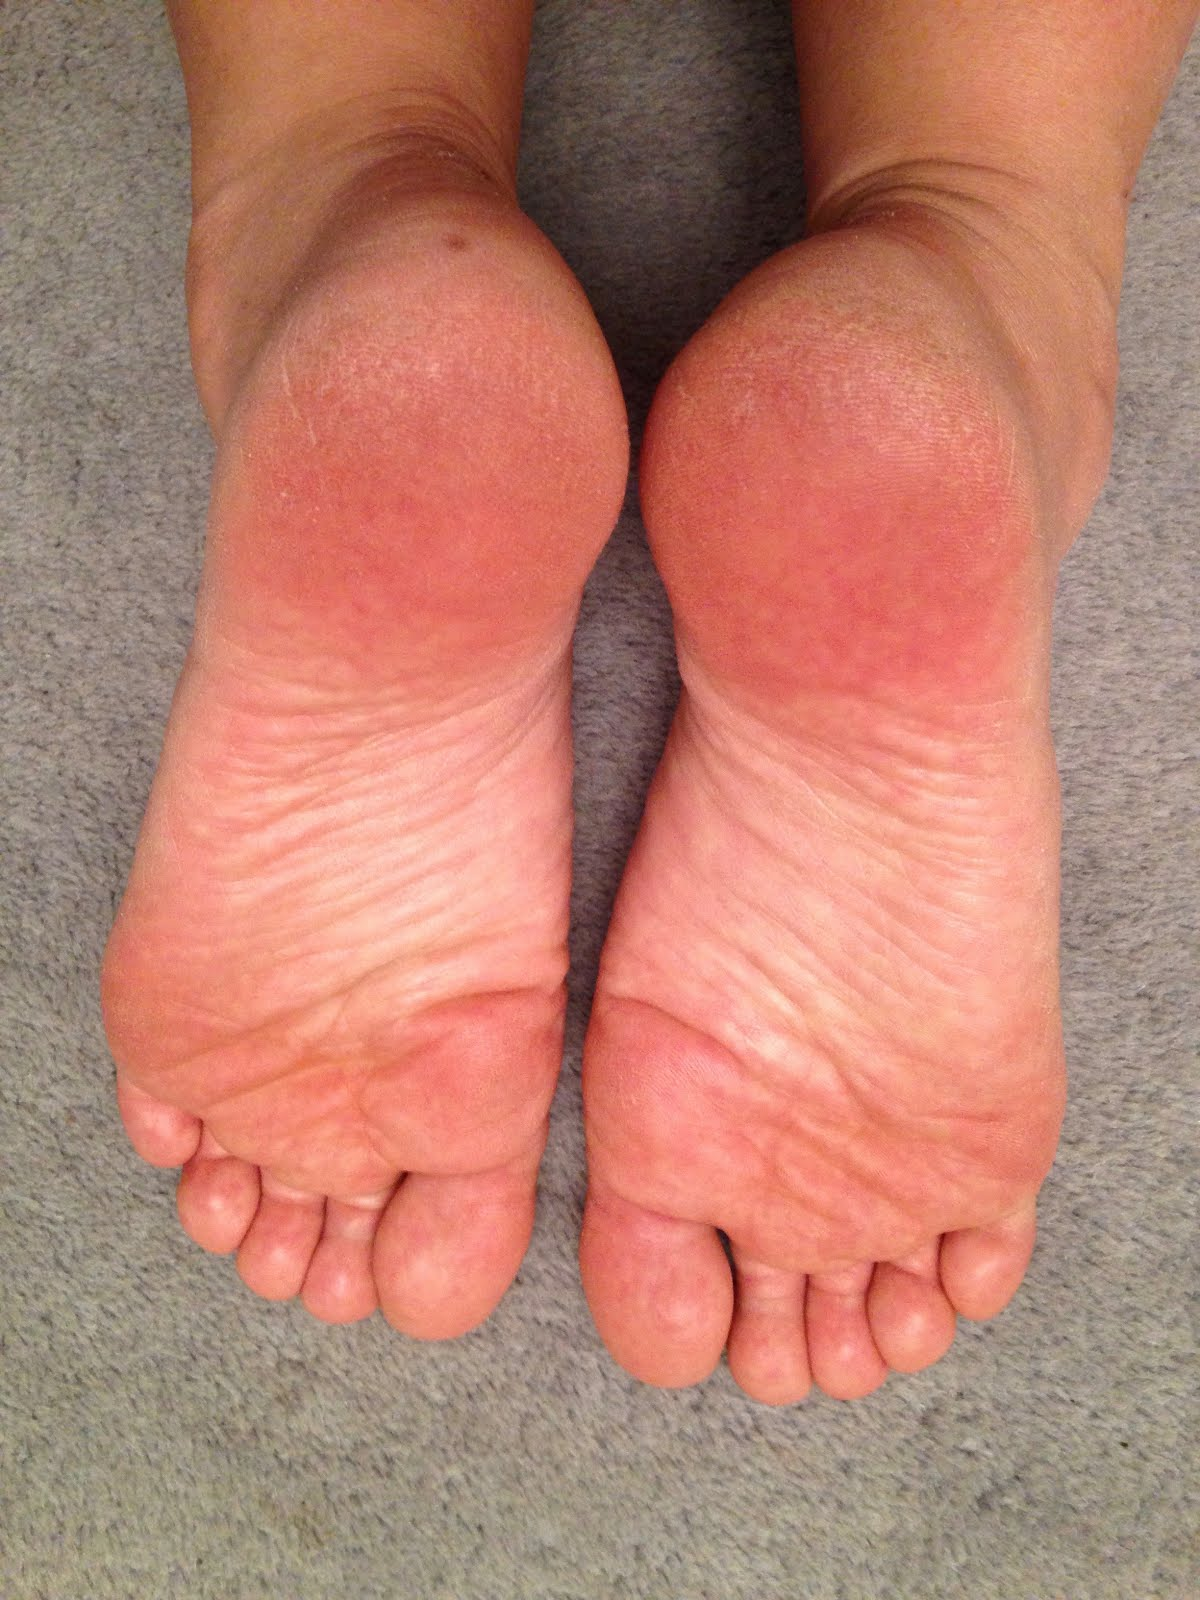 crack toe treatment reviews között